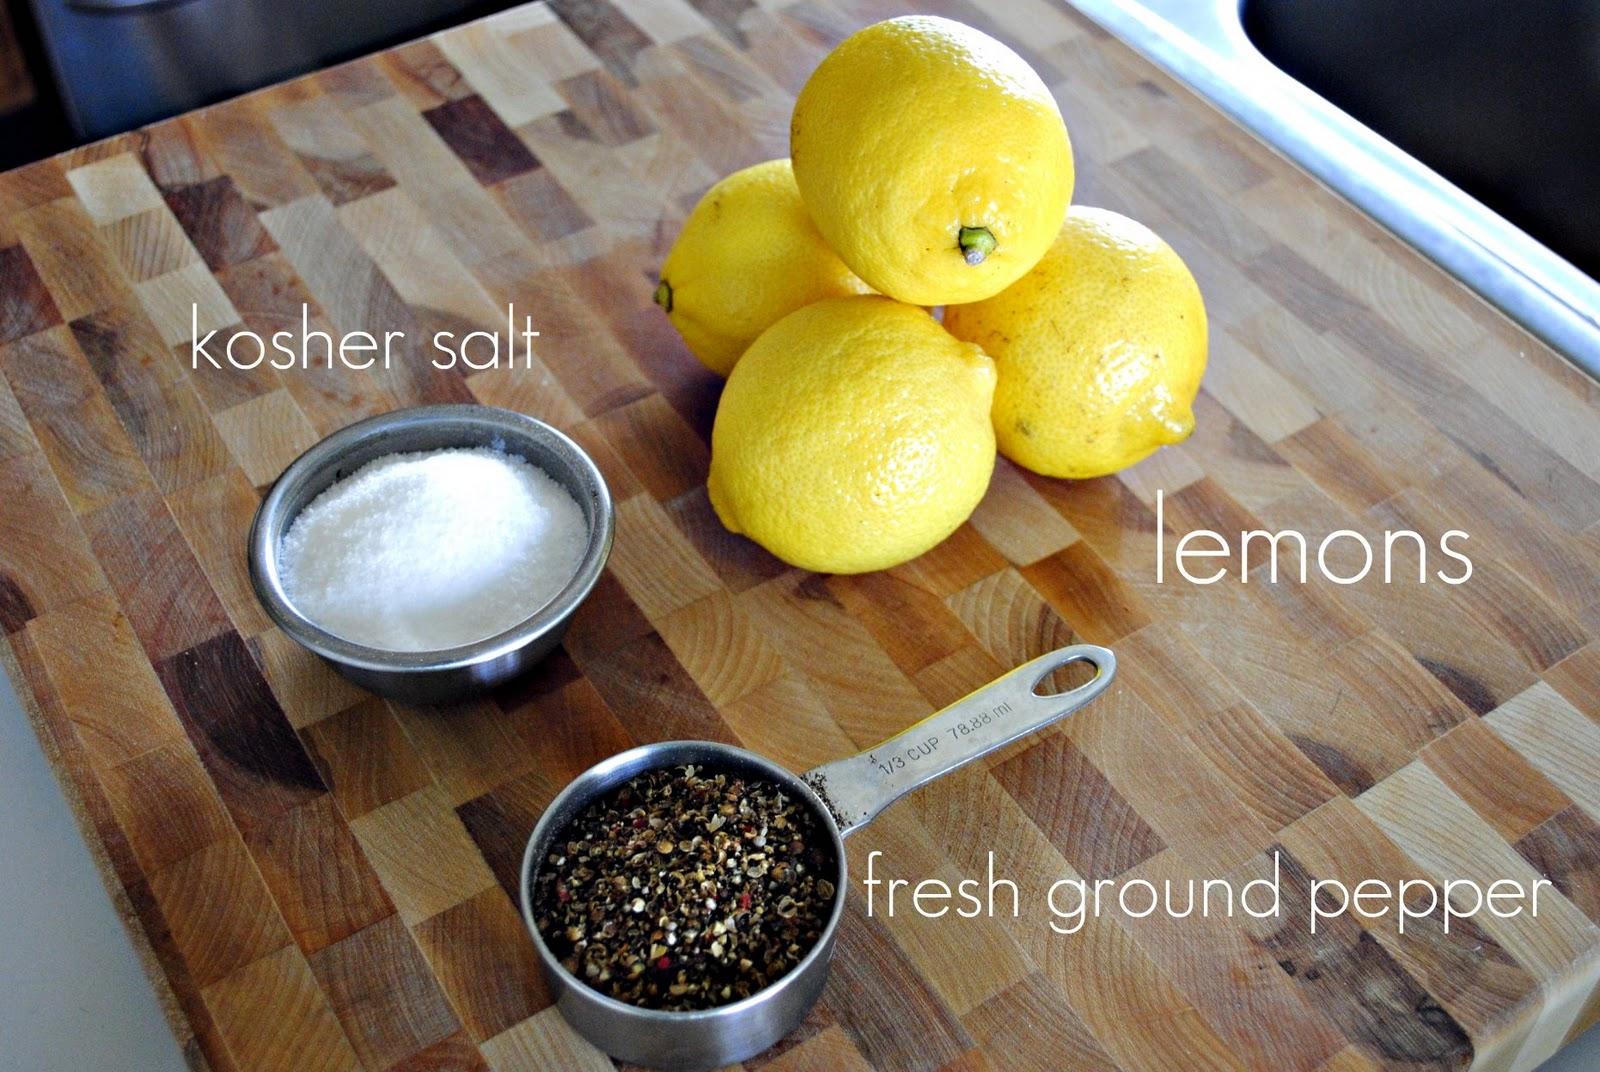 Pepper, salt, lemon